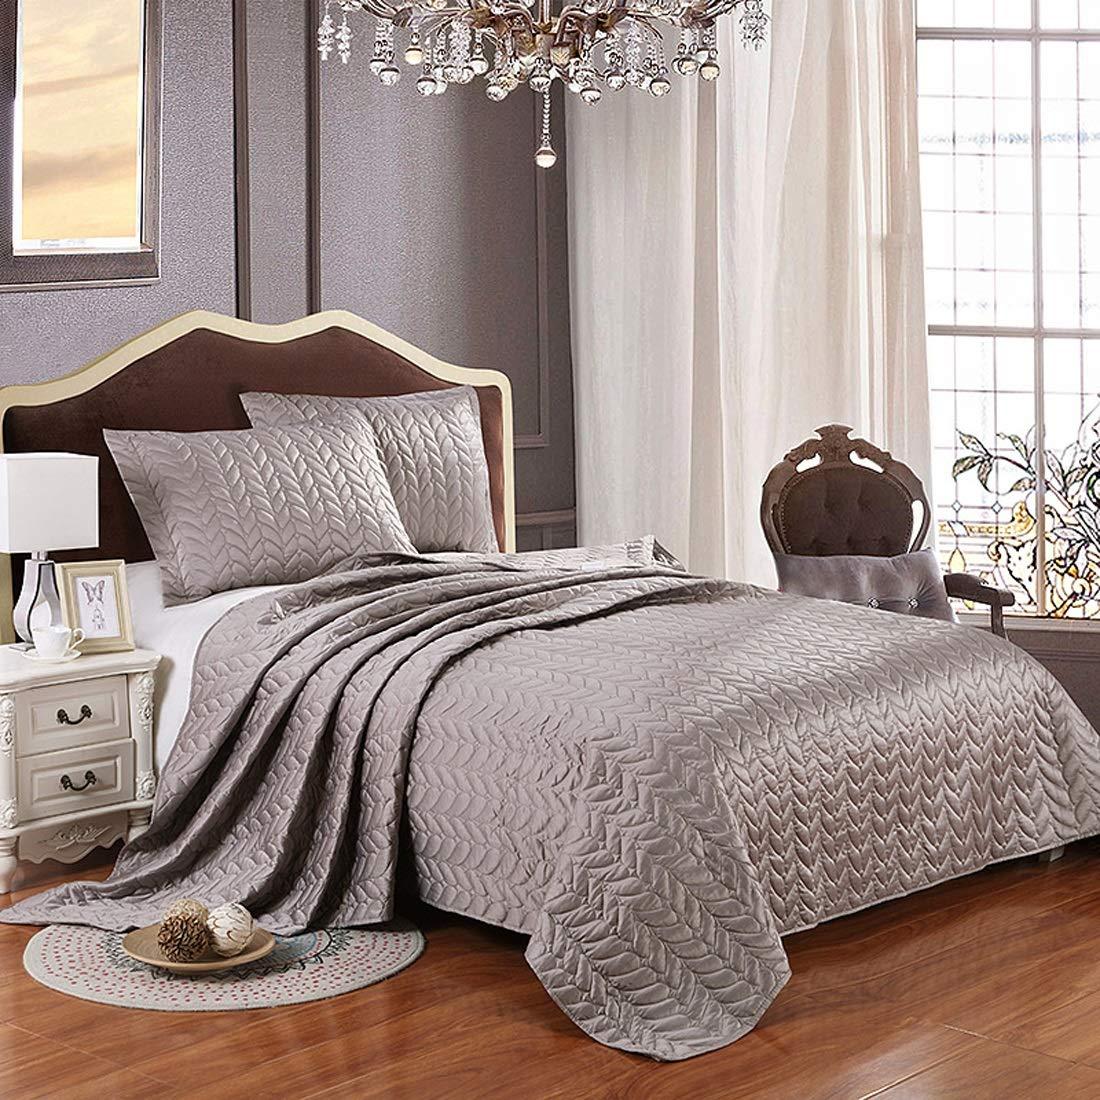 影寳服装店 スリーピースベッド3ピース承認ベッドカバーポリエステルポリエステルキルティングエアコンは、ホームに適用されています (色 : ブラウン) B07RZ9Z9Y2 ブラウン